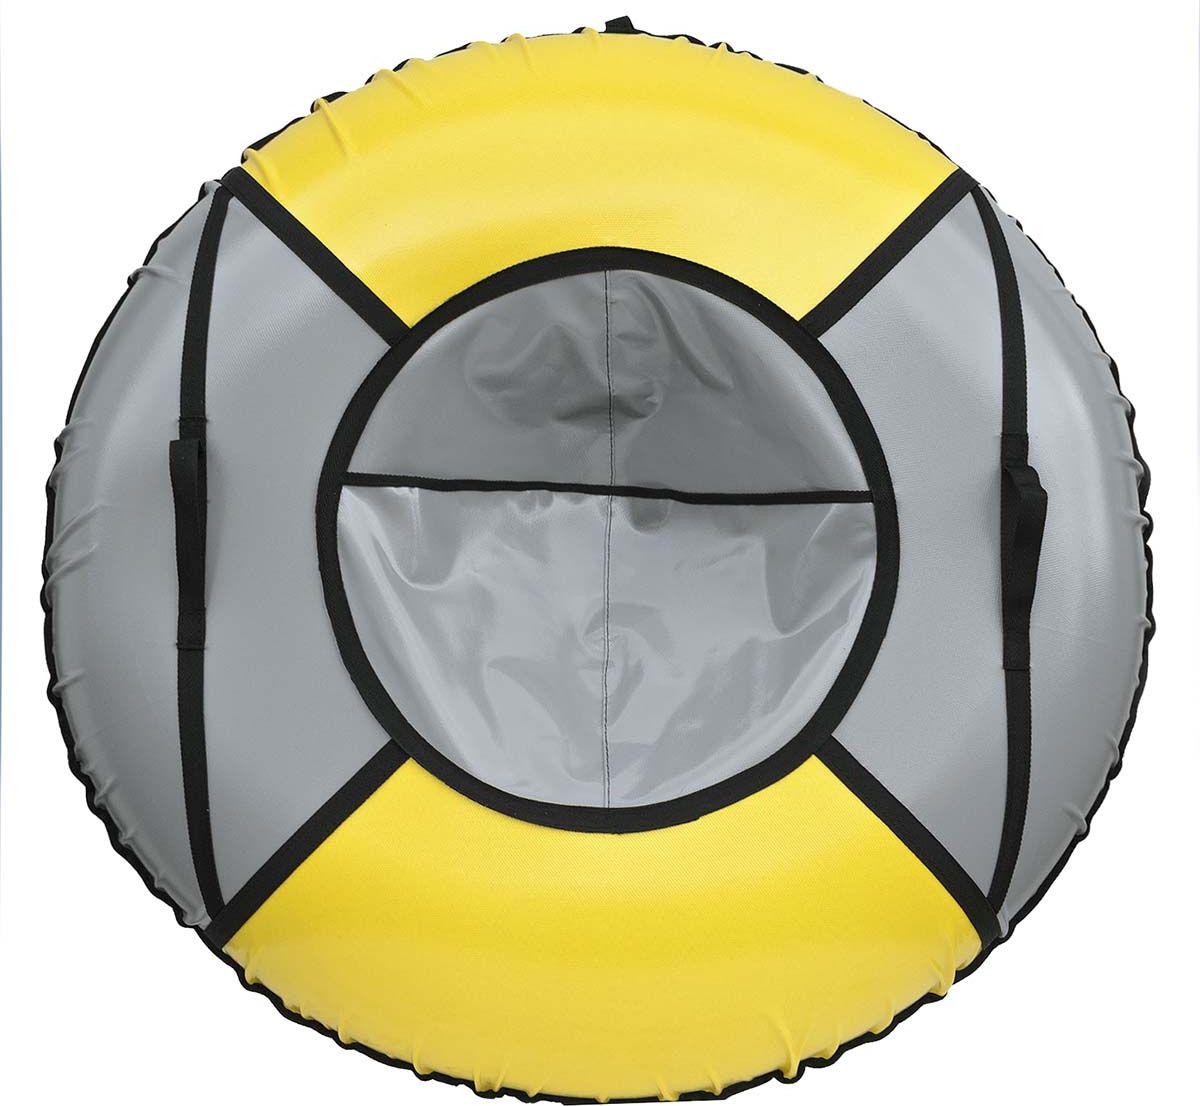 Тюбинг Эх, Прокачу!  Профи-4 , цвет: серый, желтый, 100 см - Тюбинги